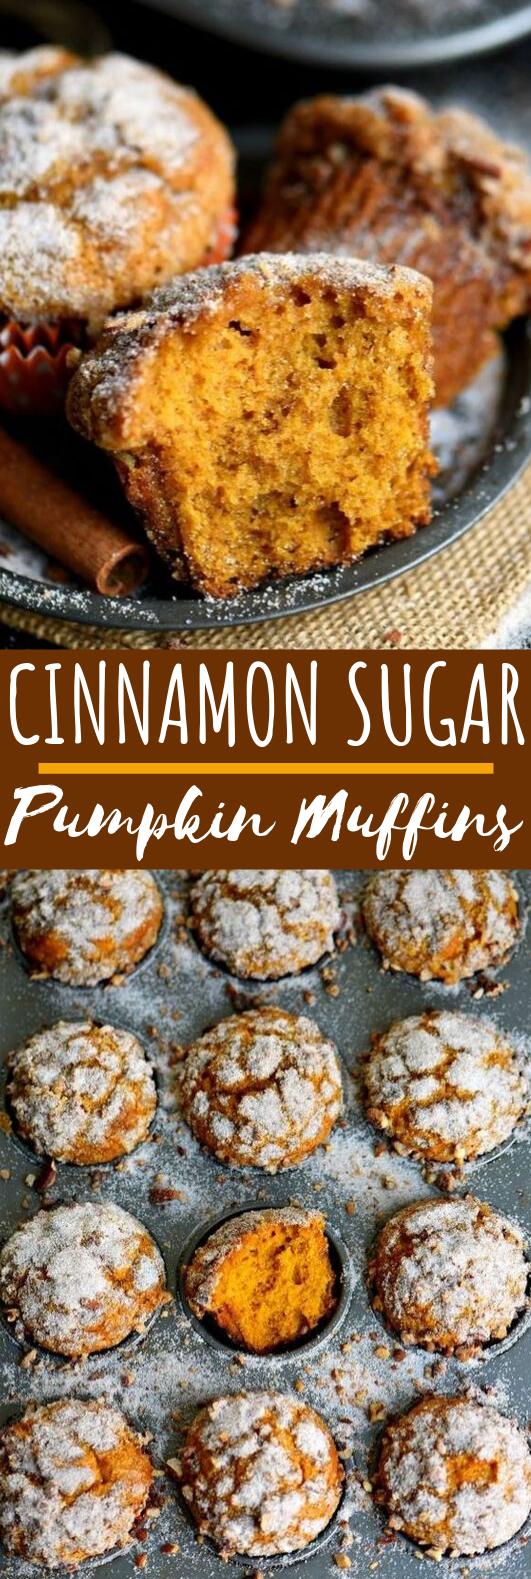 Cinnamon Sugar Pumpkin Muffins #desserts #muffins